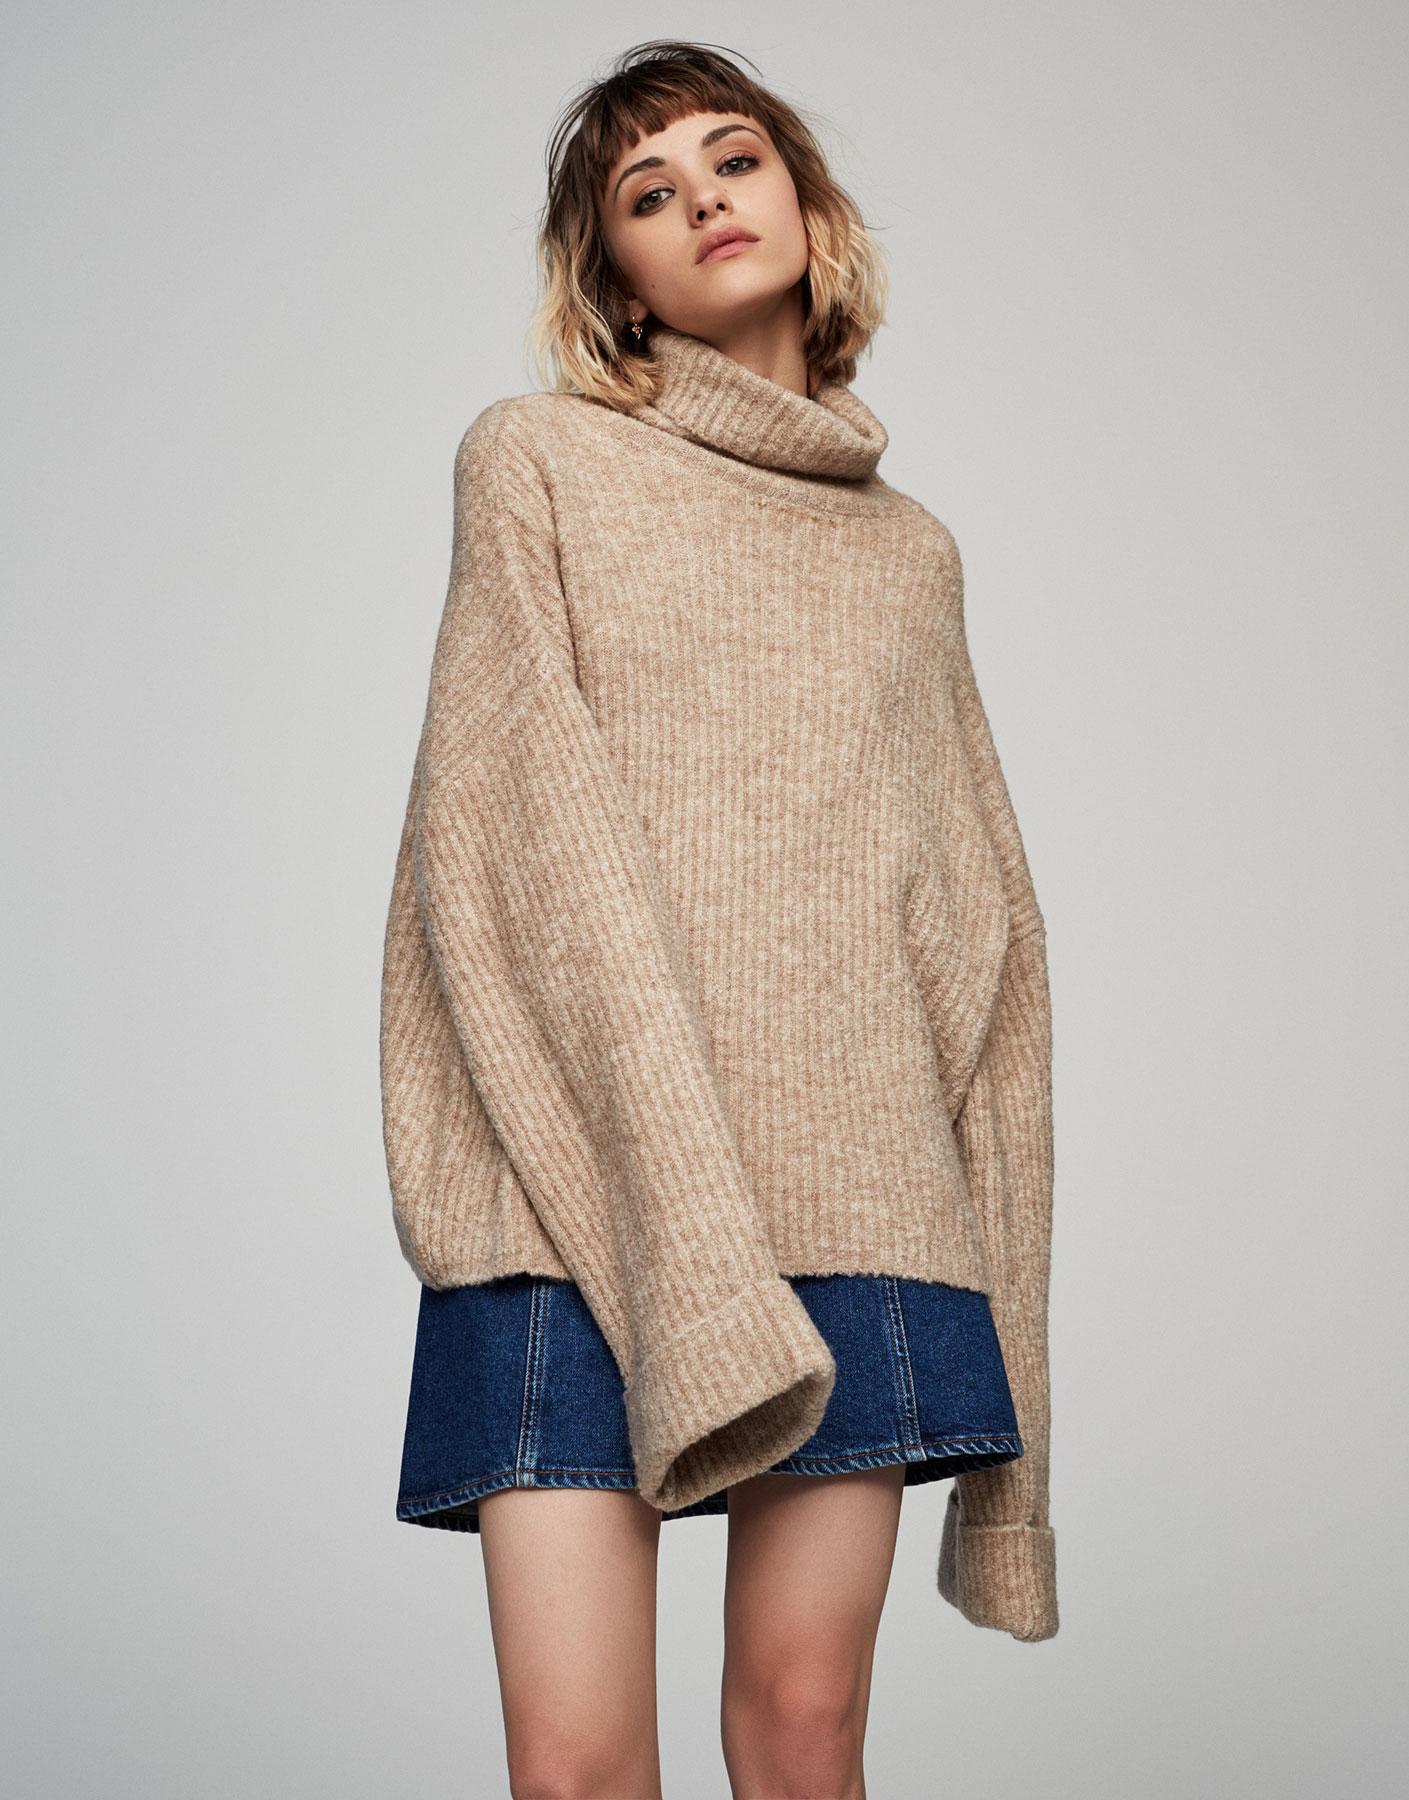 Pull côtelé peluche col roulé - Maille - Vêtements - Femme - PULL&BEAR France